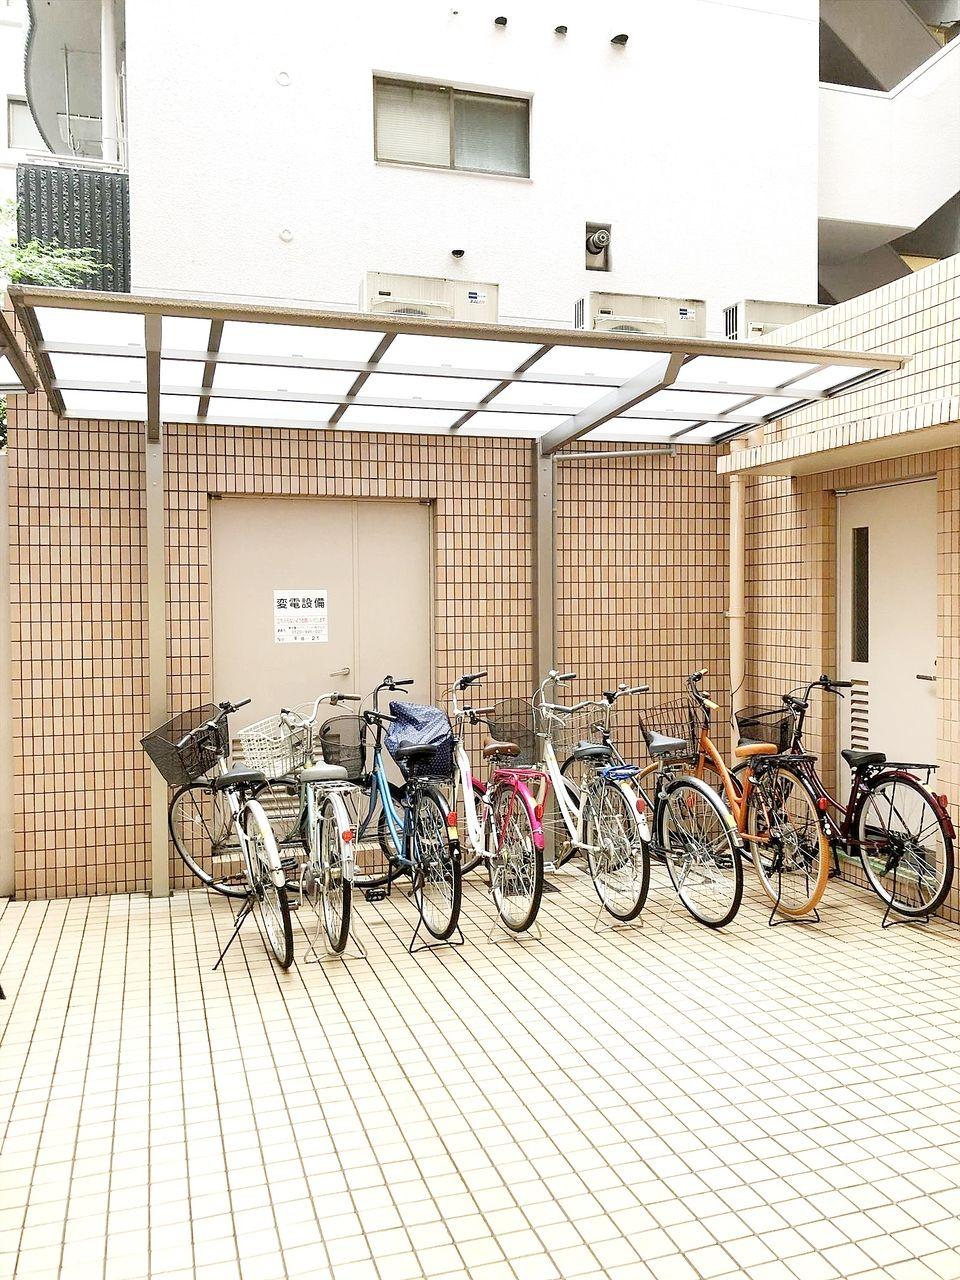 アゼリア青新ビルは各室1台自転車が無料で駐輪できます。2016年に屋根を設置しさらに便利になりました